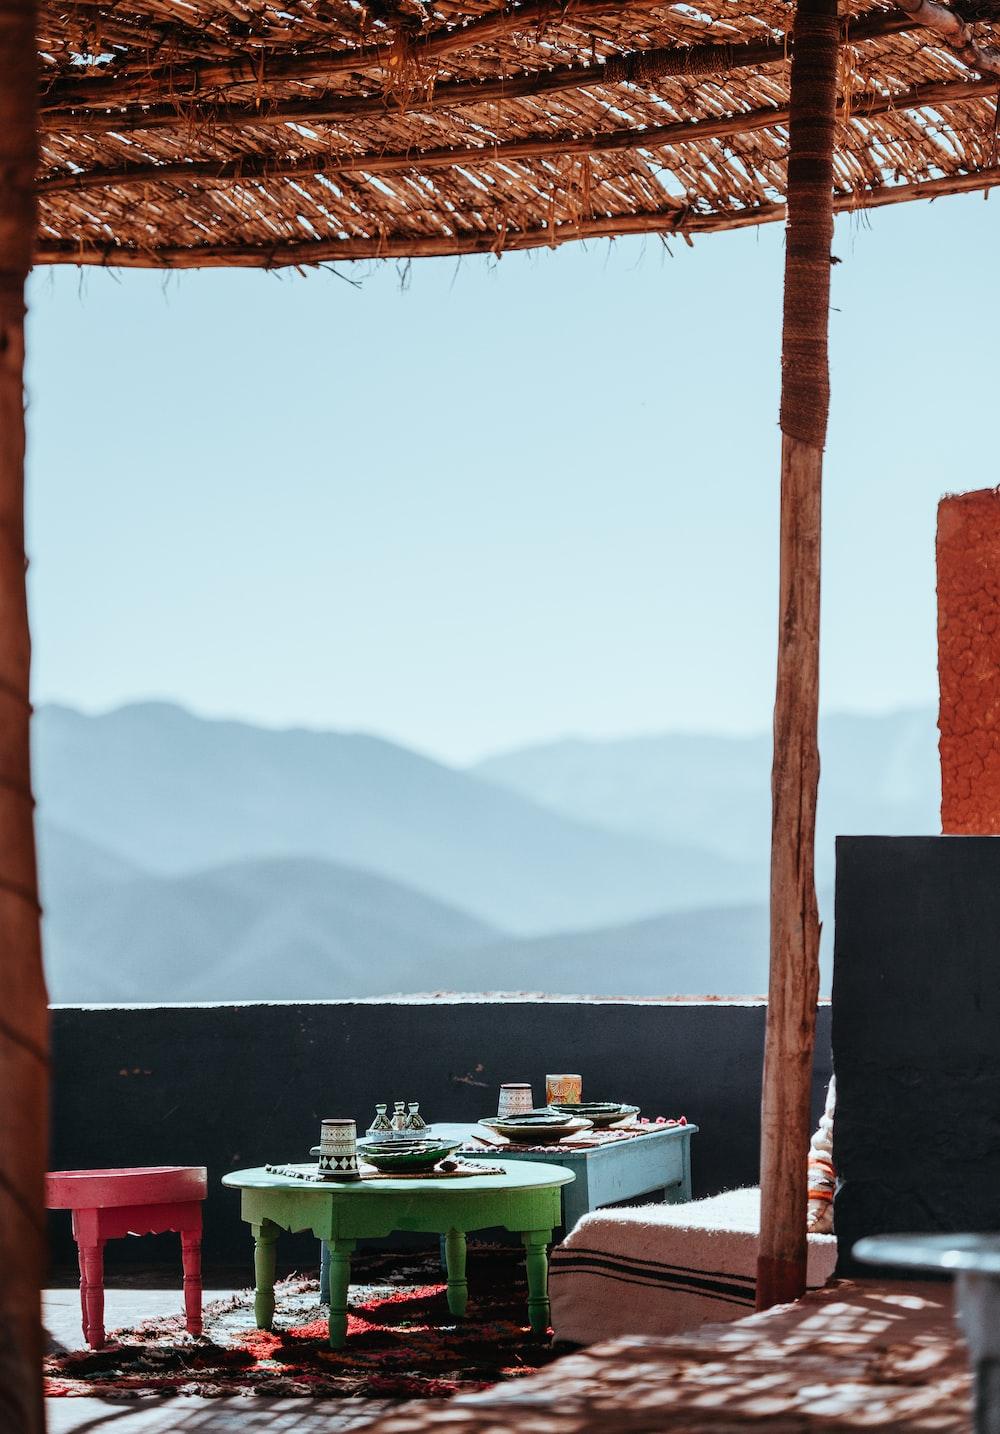 Moroccan Kitchen photo by Annie Spratt (@anniespratt) on Unsplash